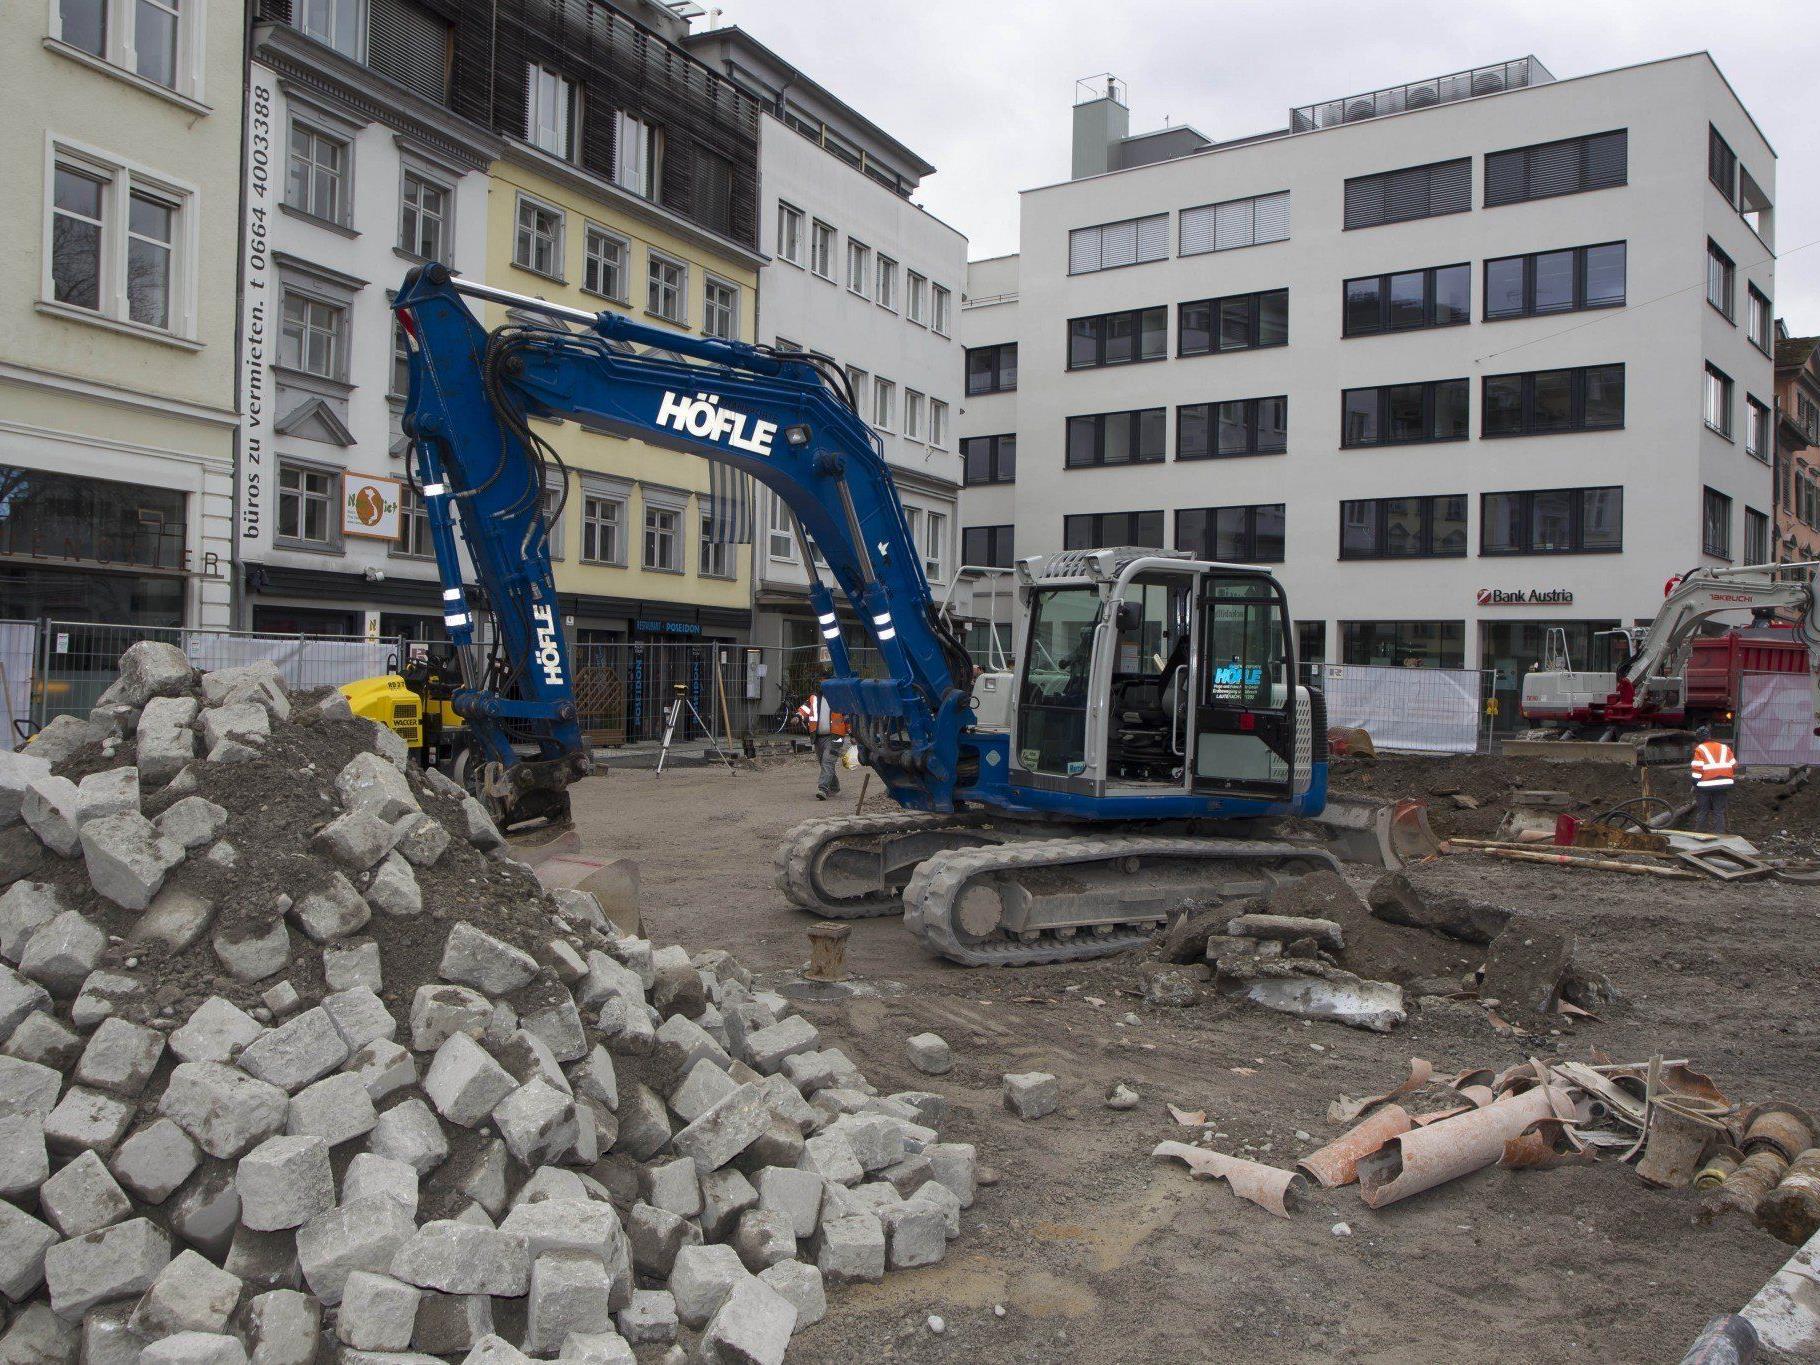 Baustelle Kornmarktplatz Bregenz: die Rathausstraße wird Anfang April unbefahrbar sein.